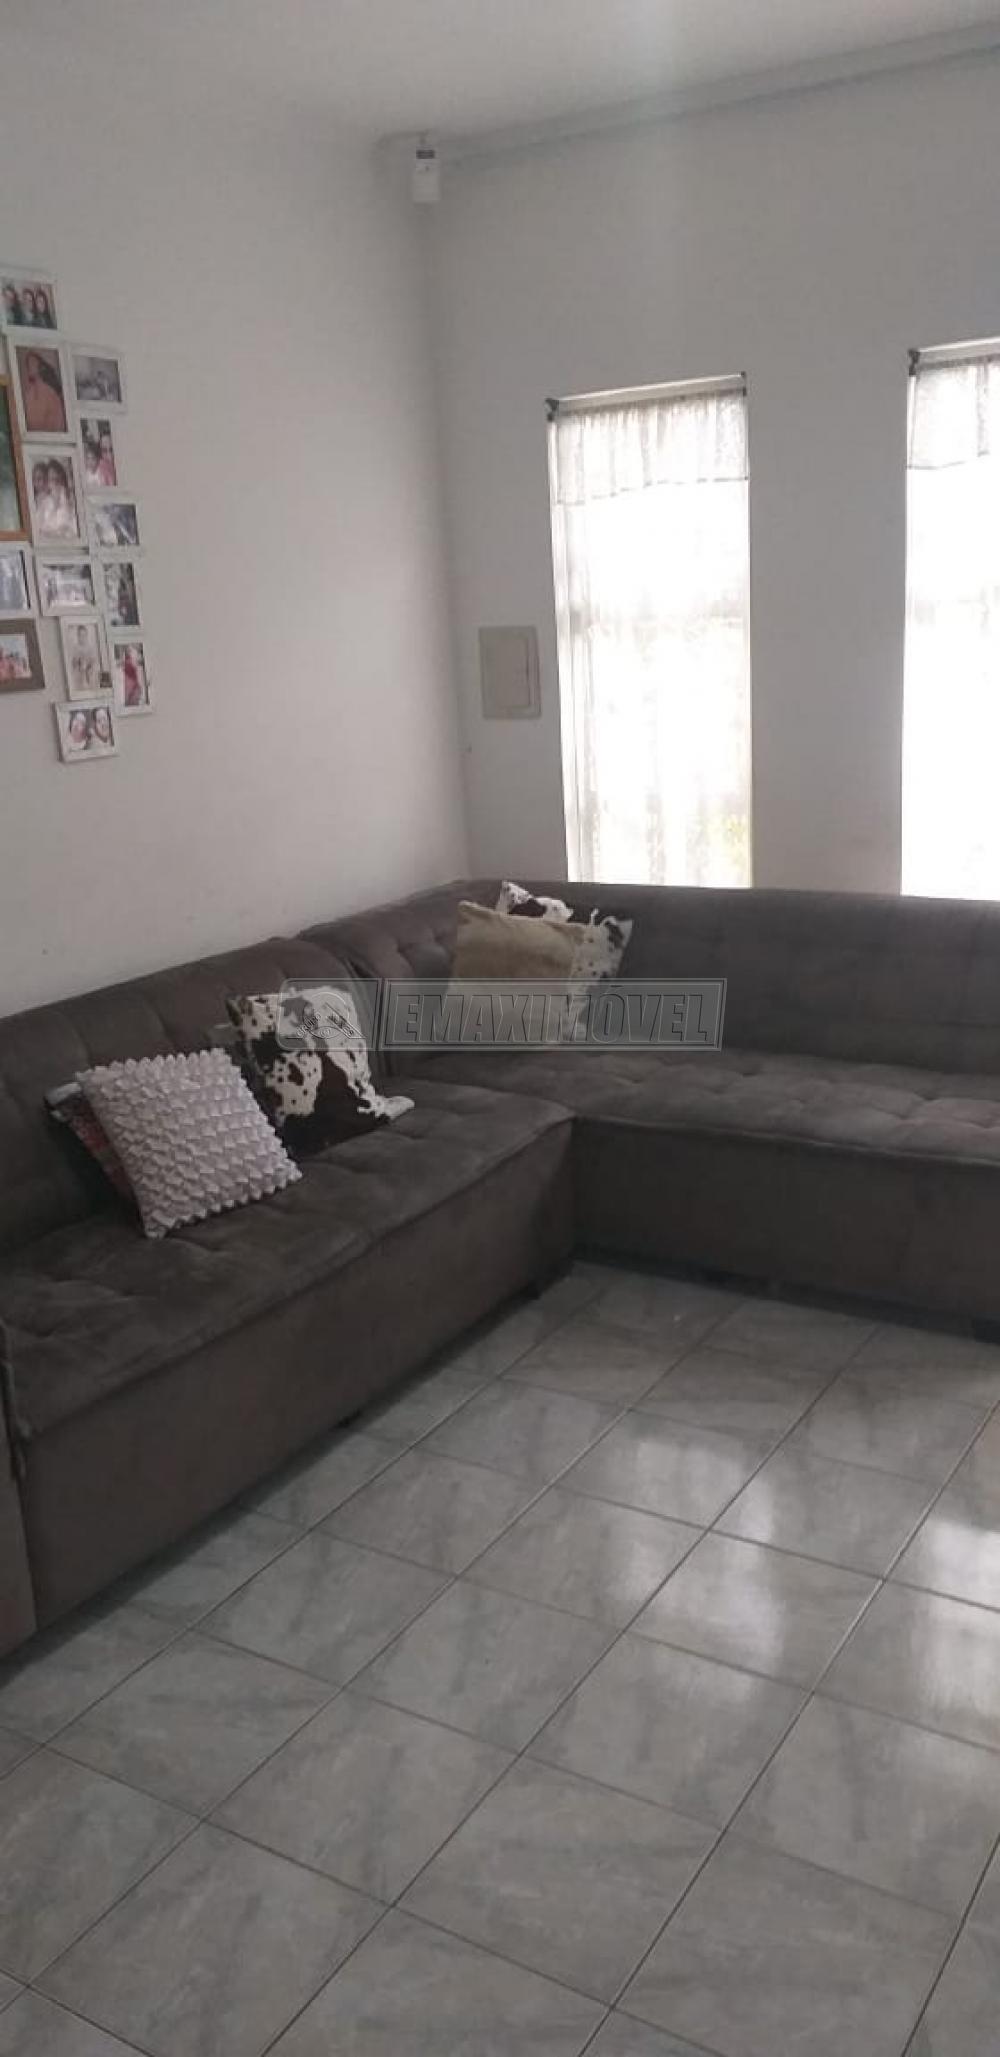 Alugar Casas / em Bairros em Sorocaba apenas R$ 1.700,00 - Foto 1